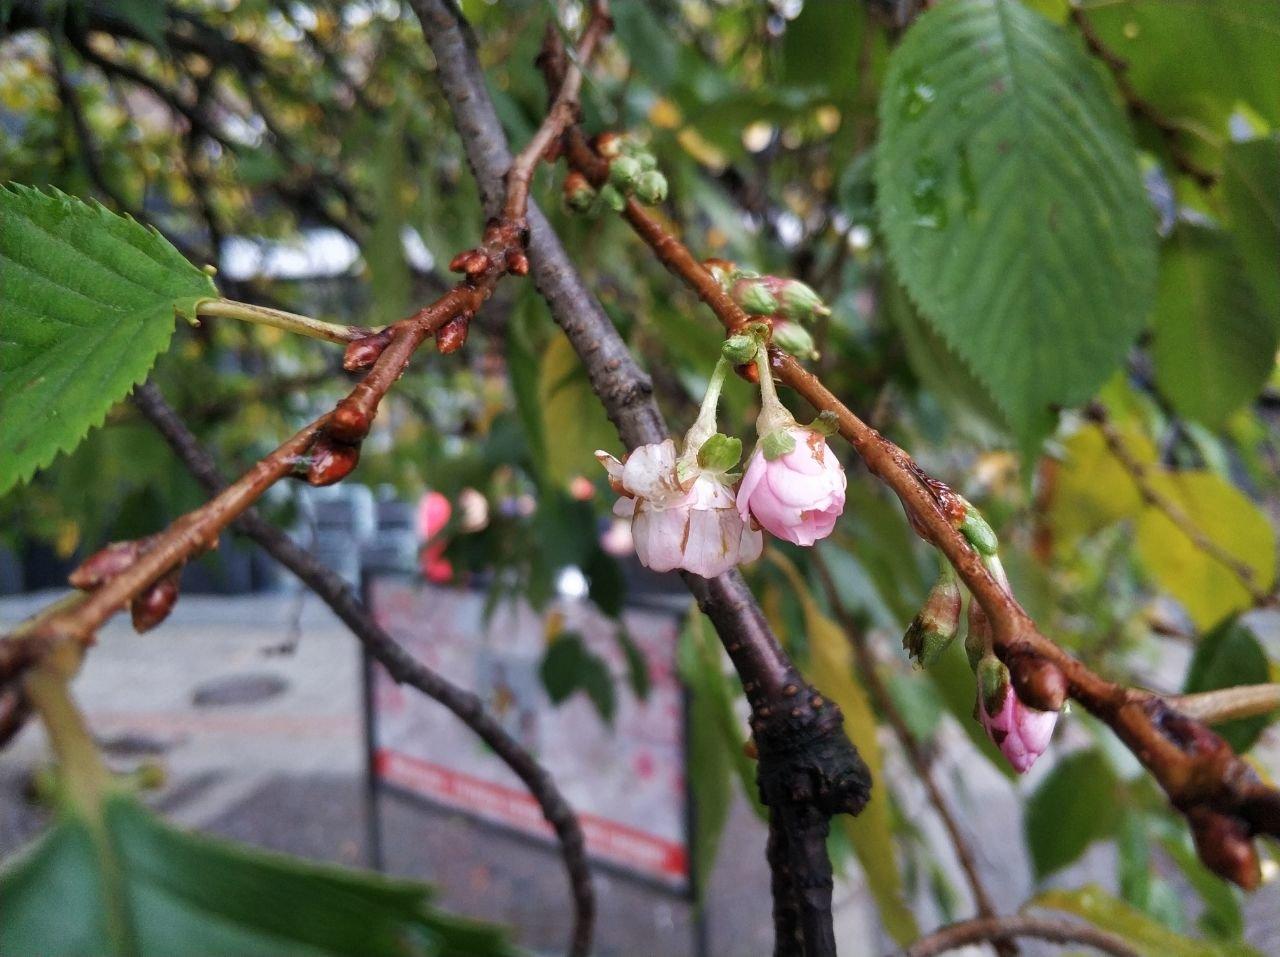 Закарпатська скажена сакура знову порадувала цвітінням (ФОТОФАКТ), фото-4